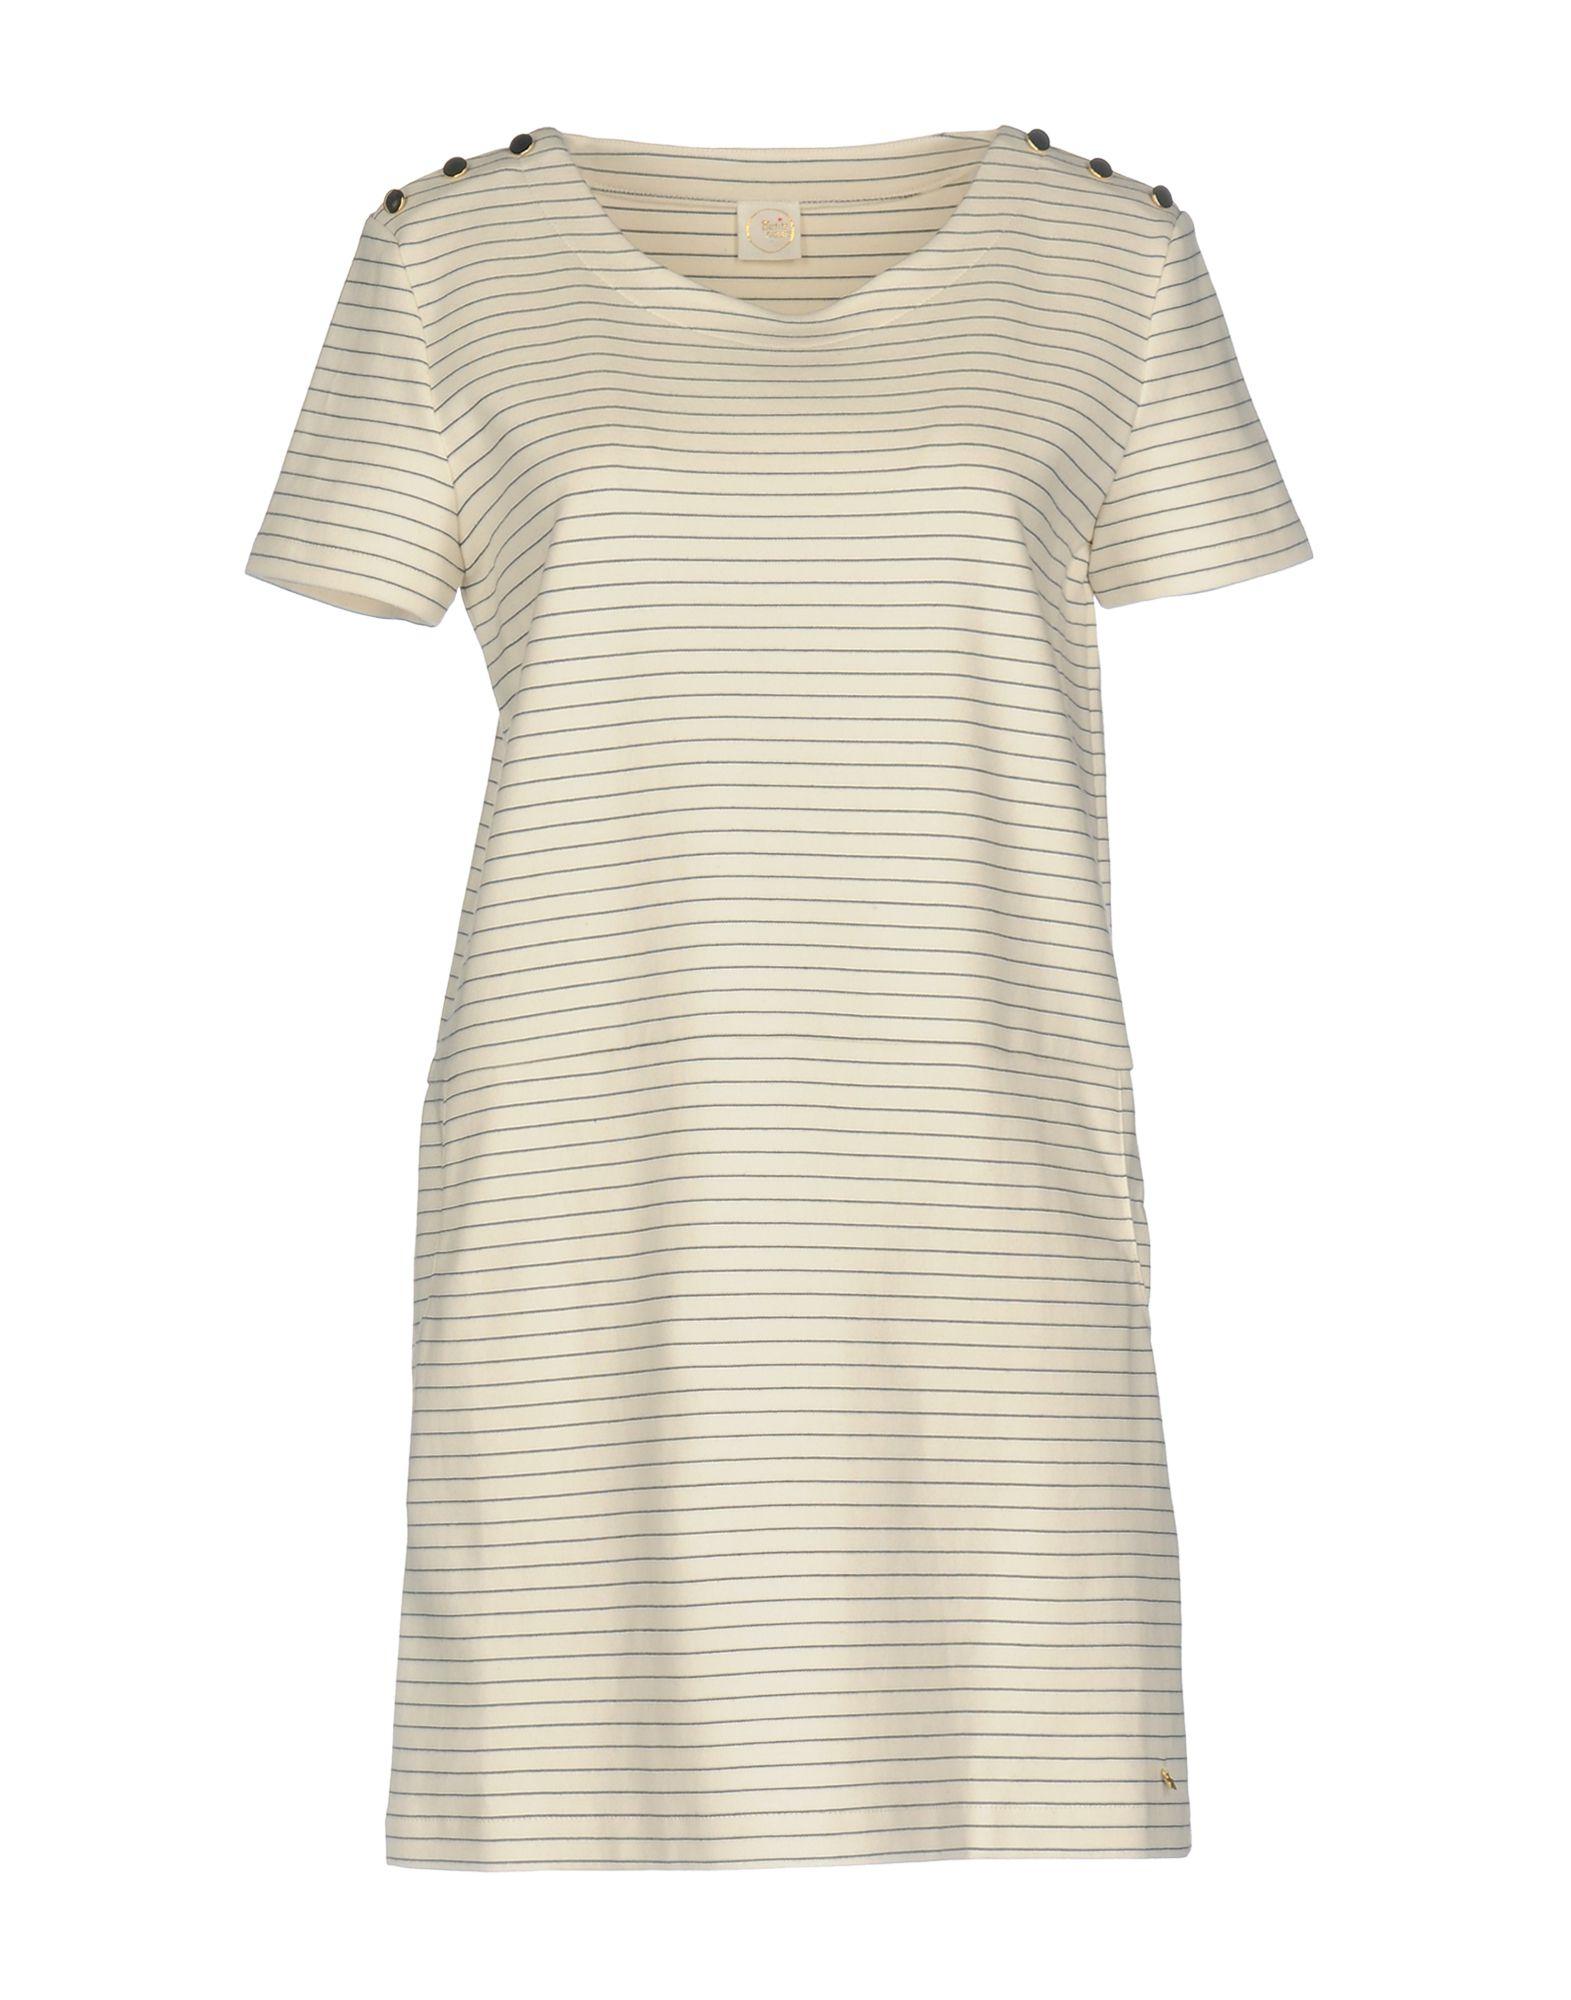 des petits hauts короткое платье DES PETITS HAUTS Короткое платье